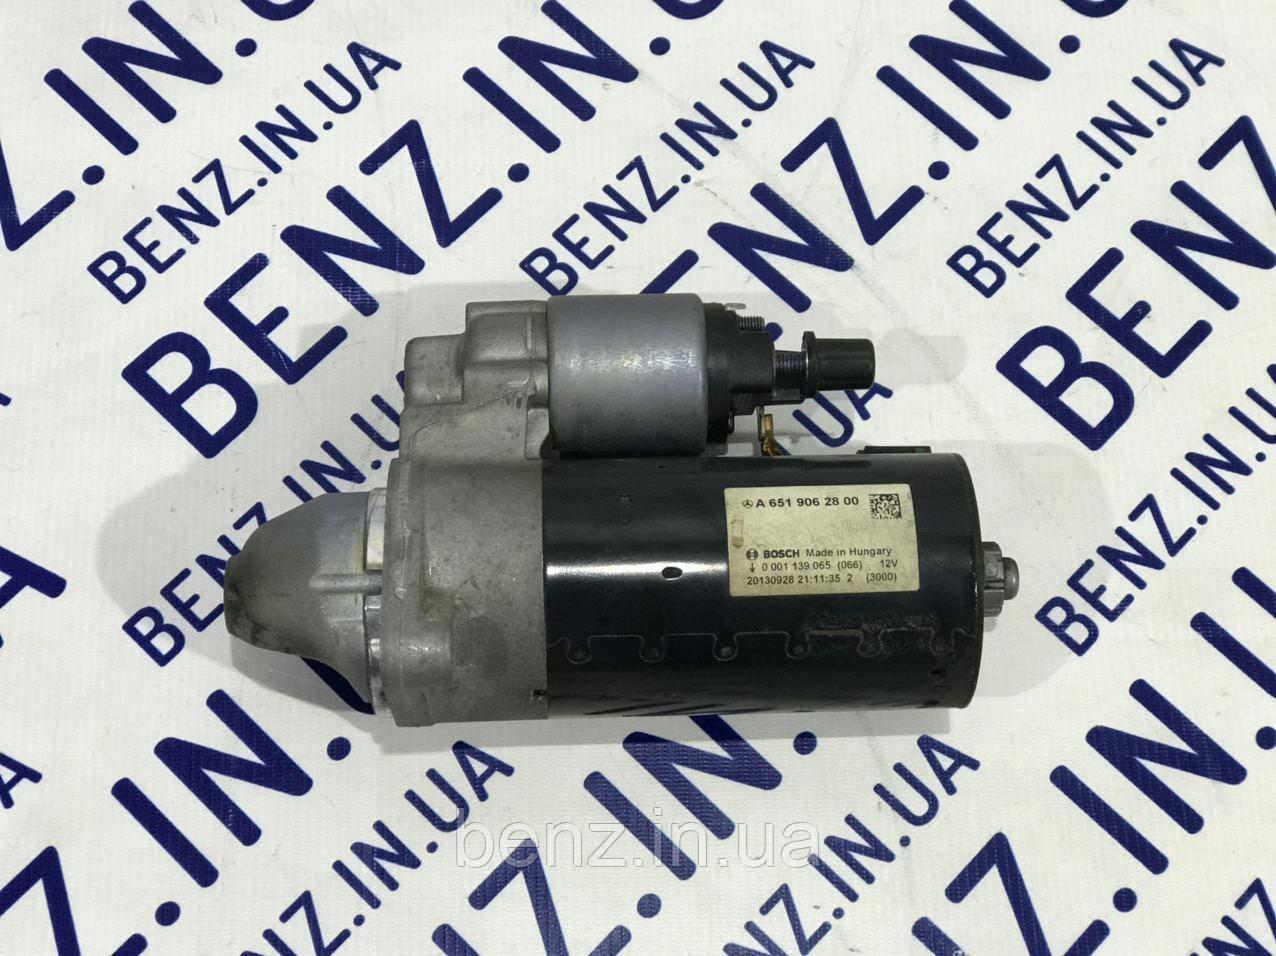 Стартер Mercedes 2.2 CDI, OM651 W212/W204/W222/C207/W221/W906 A6519062800 / A651906430080